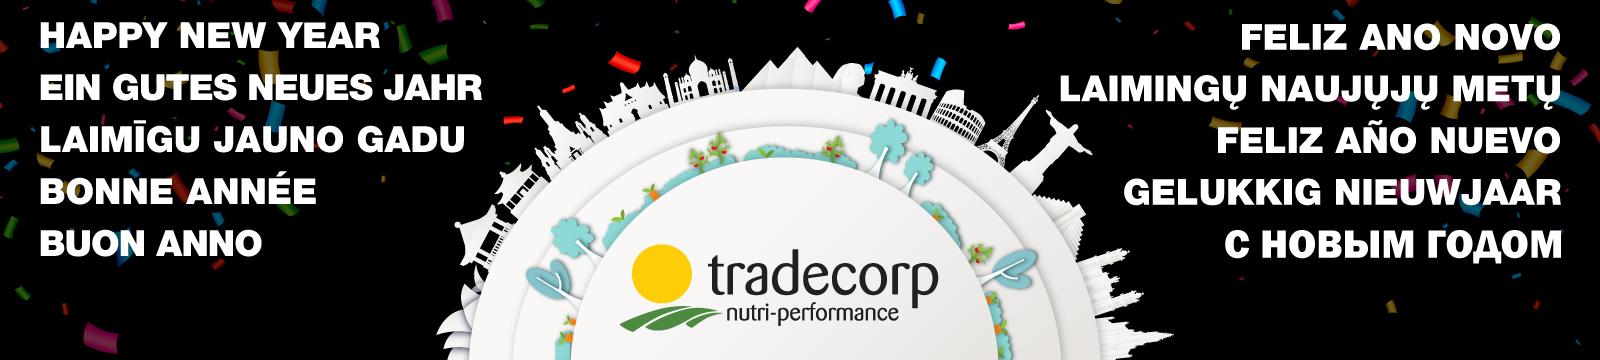 Szczęśliwego Nowego Roku 2019 od Tradecorp!